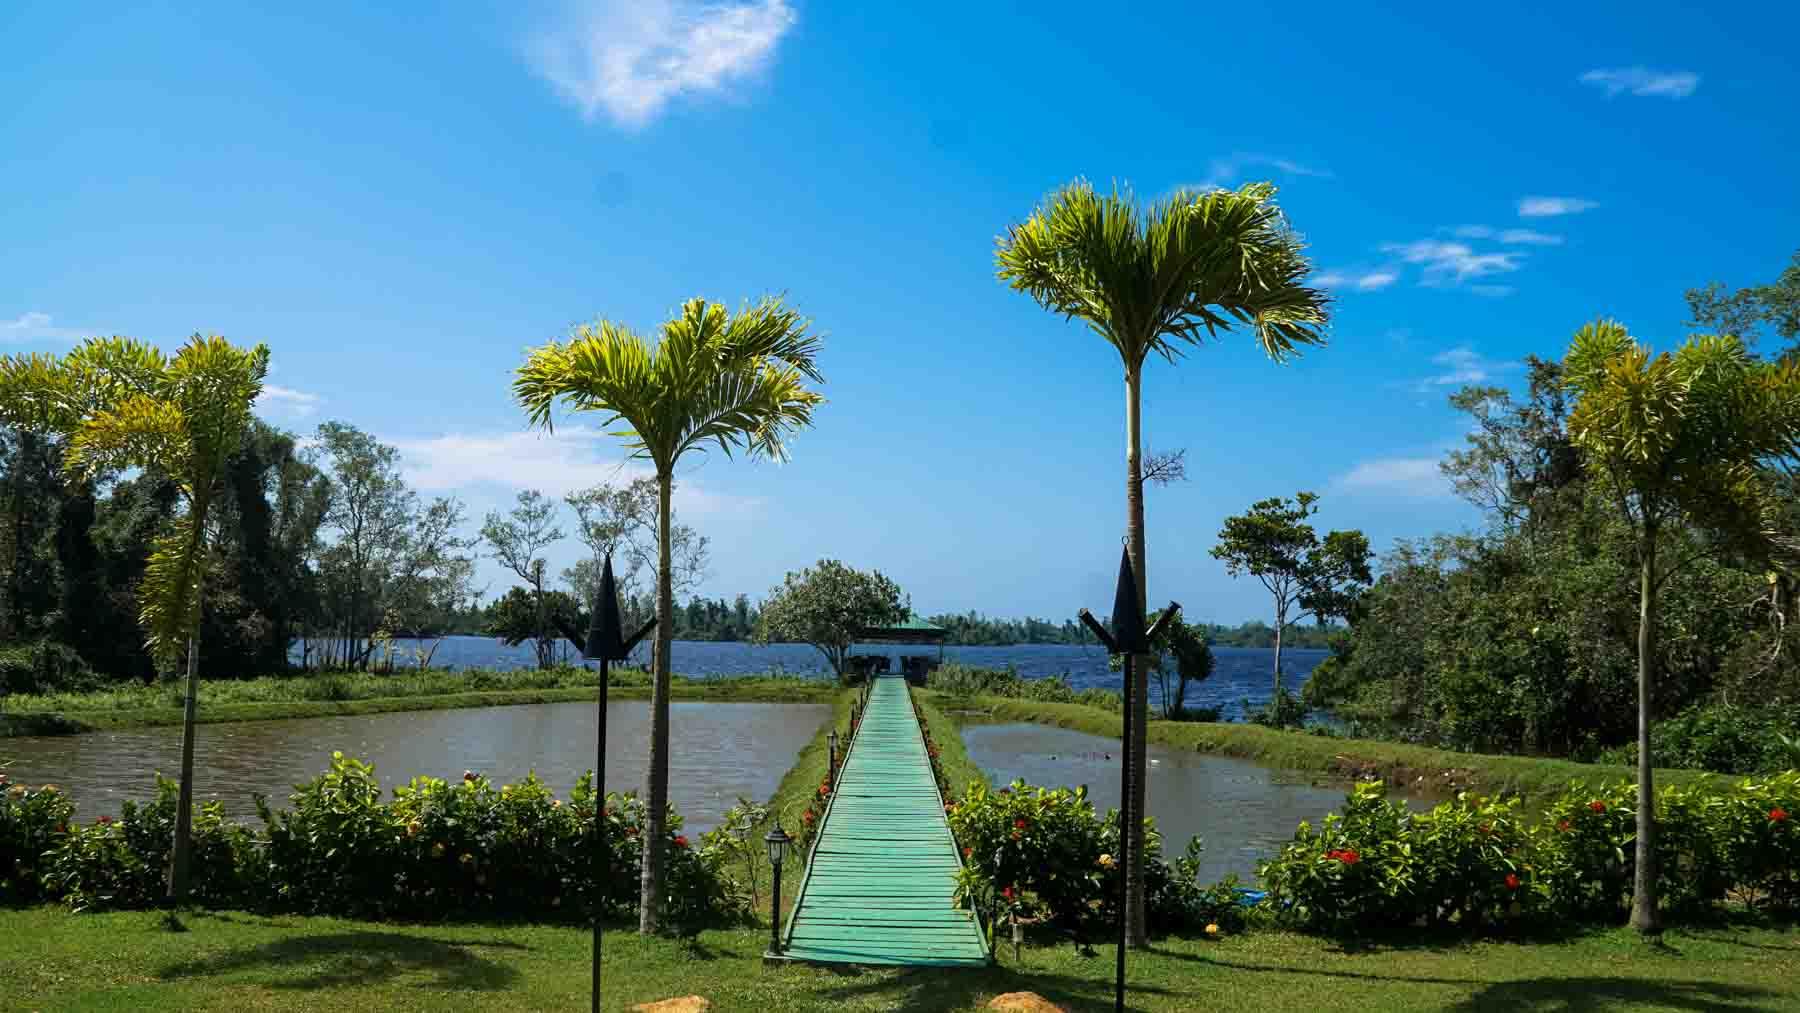 Ayurveda Resort Sea Lounge Sicht zur Sea Lounge hinter dem Teich auf dem Natursee Sri Lanka